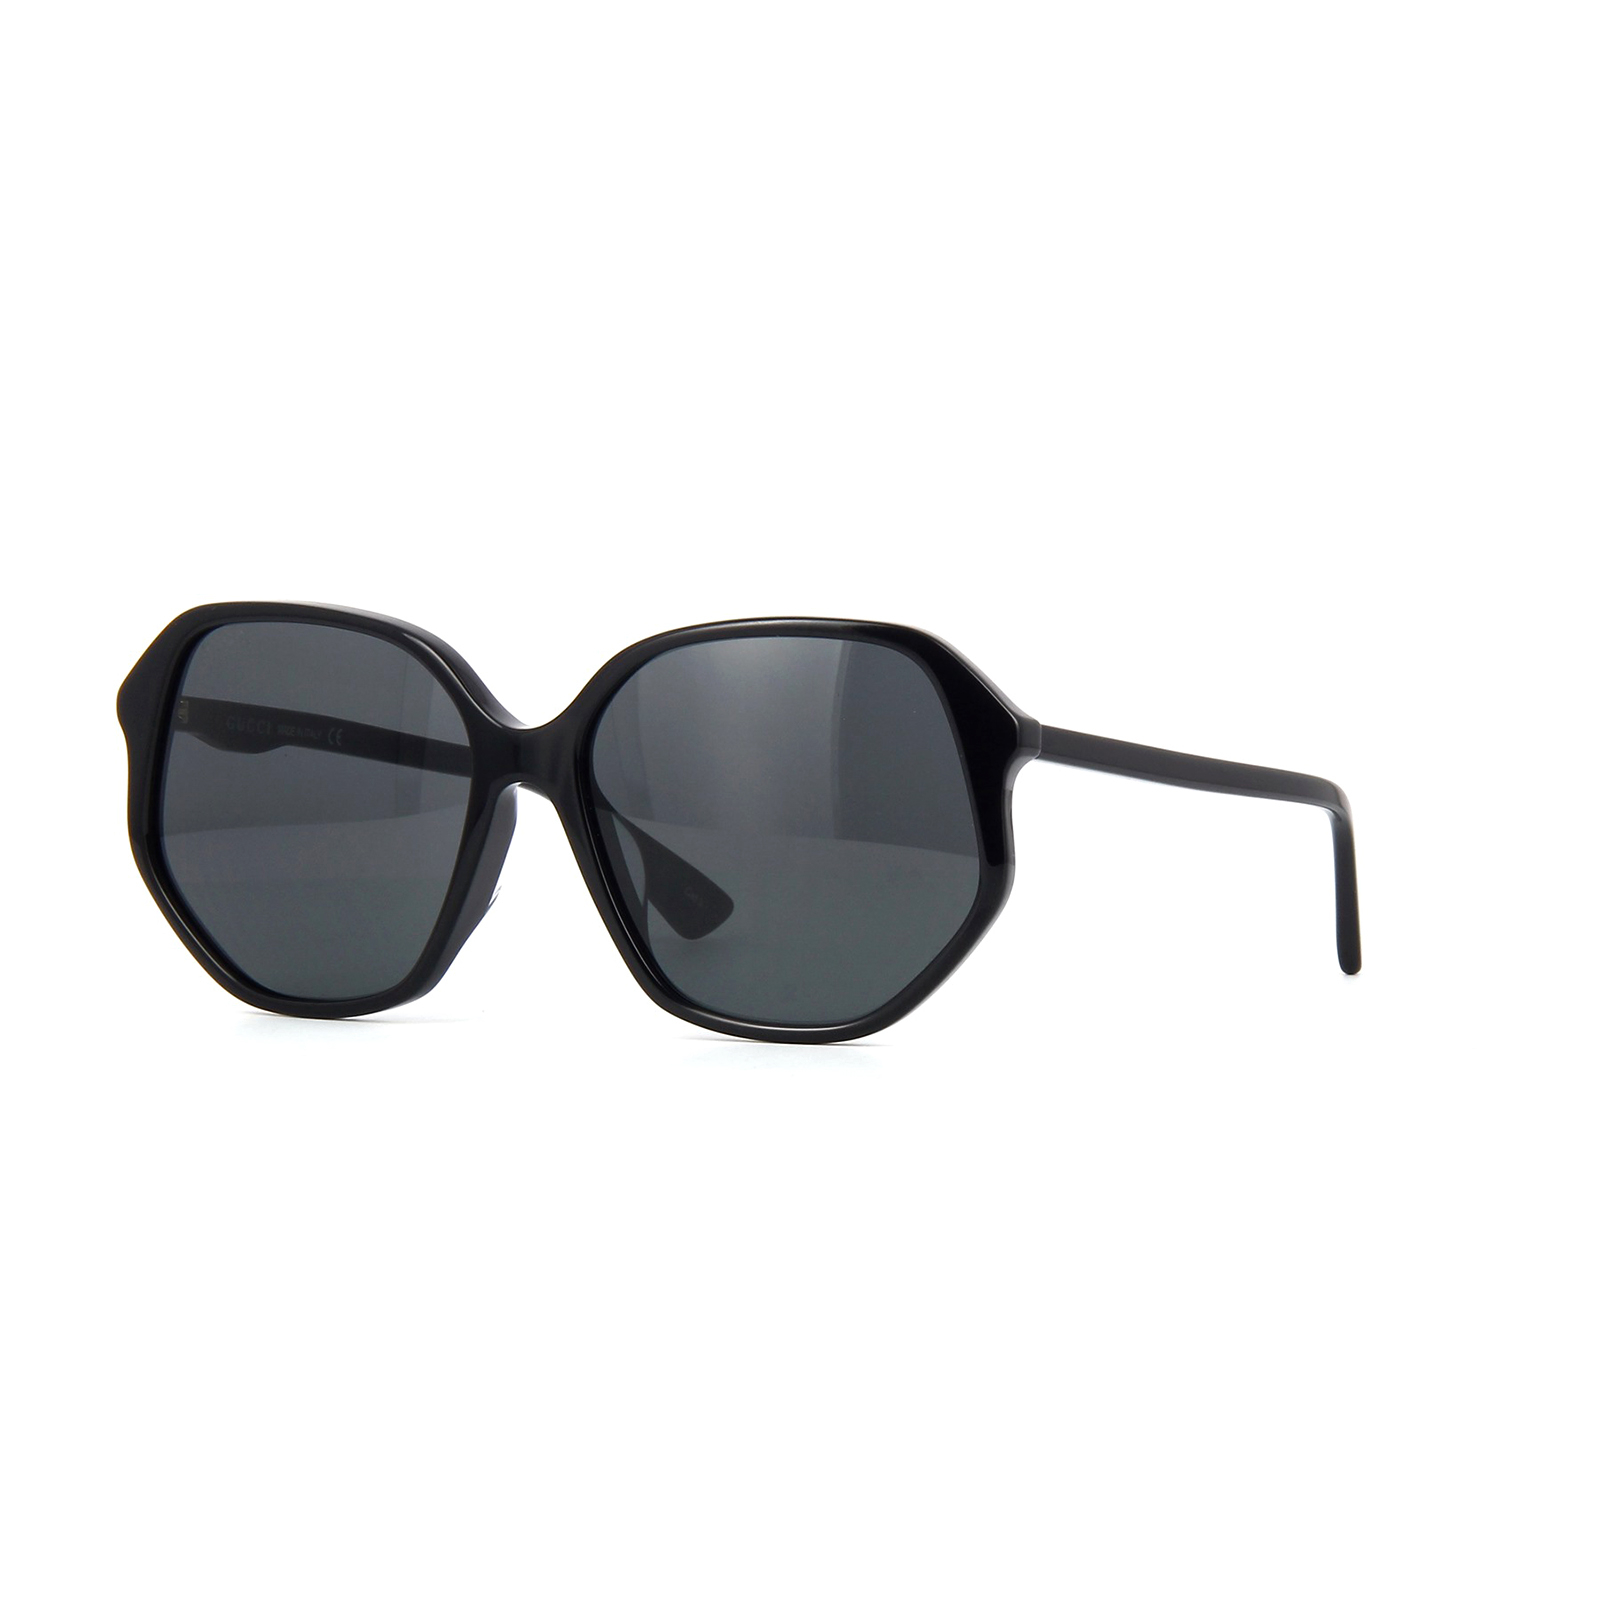 Gucci okulary przeciwsłoneczne GG0258SA 001 nowe